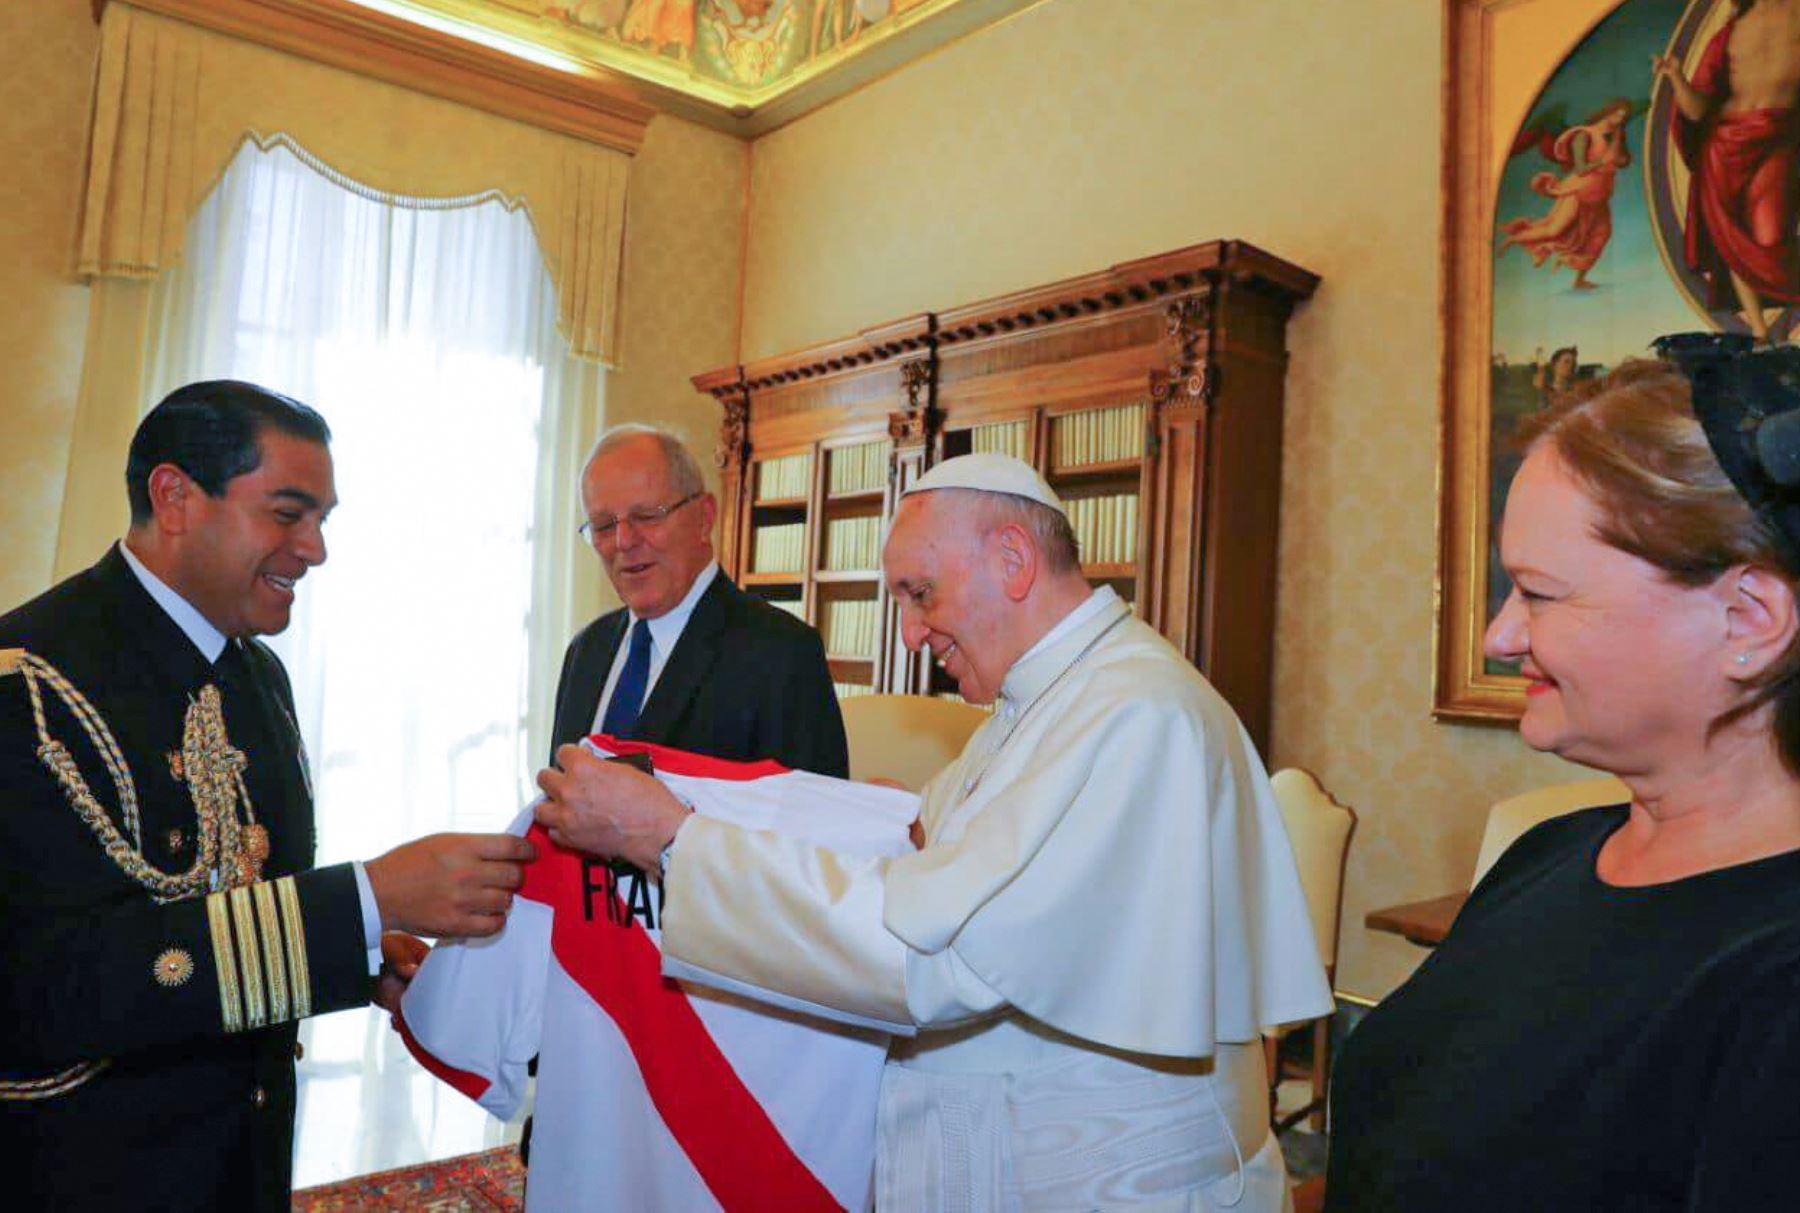 Obsequian al papa Francisco la camiseta de la Selección Peruana de Fútbol durante la audiencia privada que sostuvo con el Santo Padre. Foto: ANDINA/ Prensa Presidencia/ Andres Valle